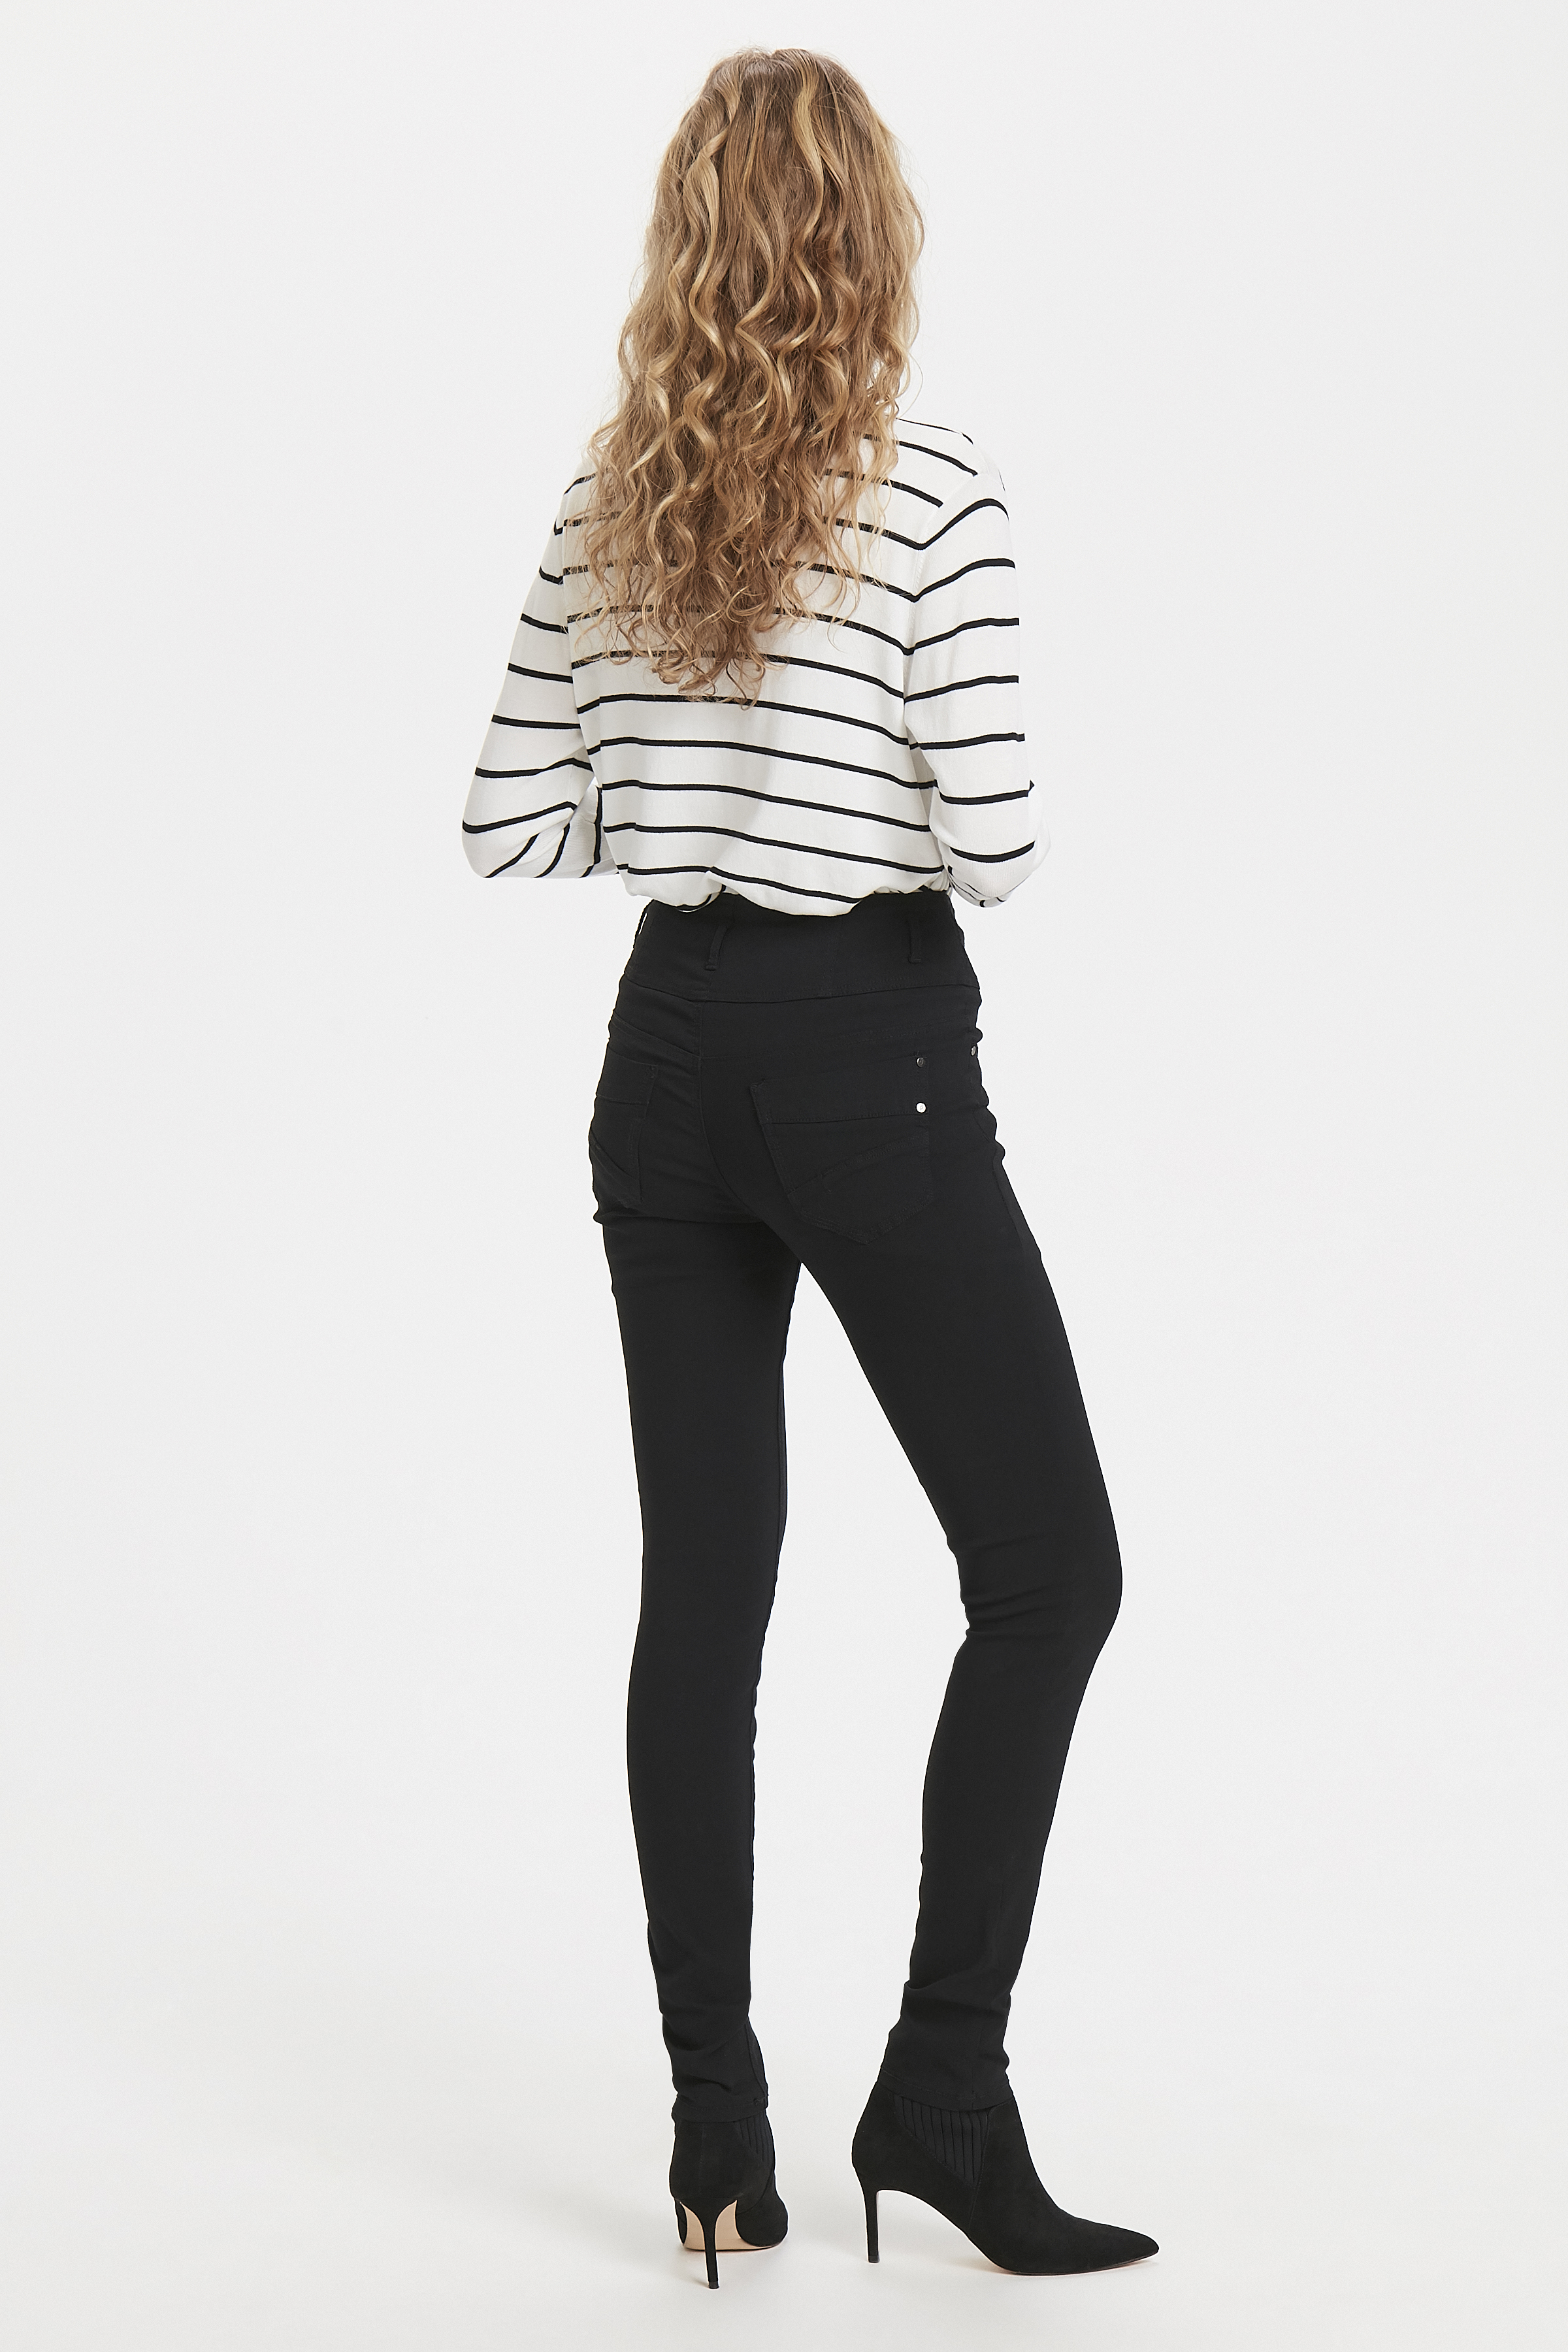 Black Pants Casual – Køb Black Pants Casual fra str. 34-44 her